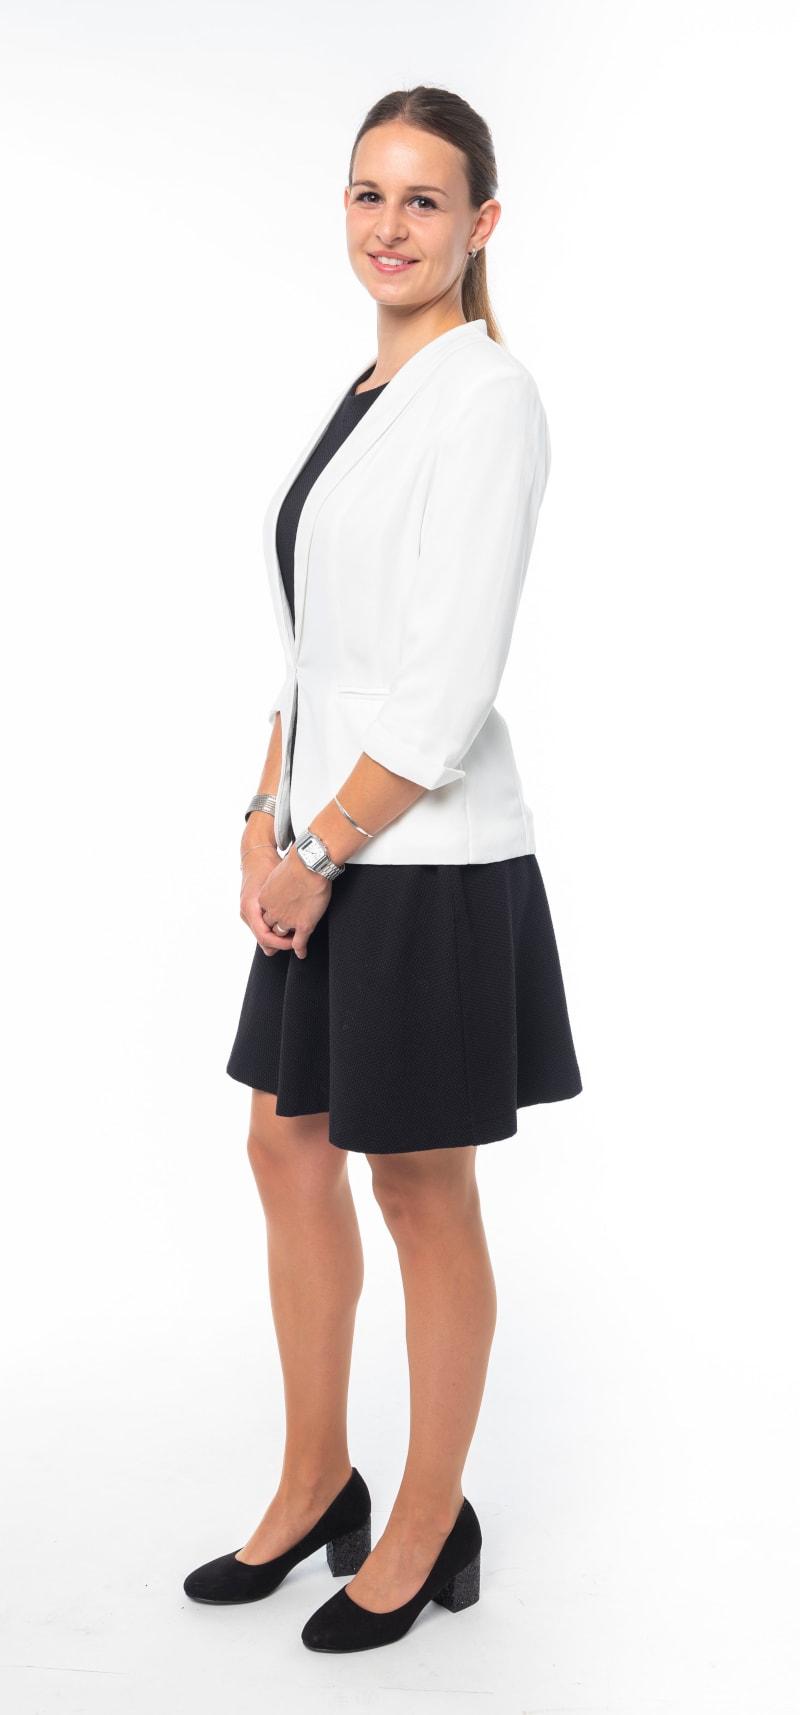 Robe noire cintrée et veste blanche 2